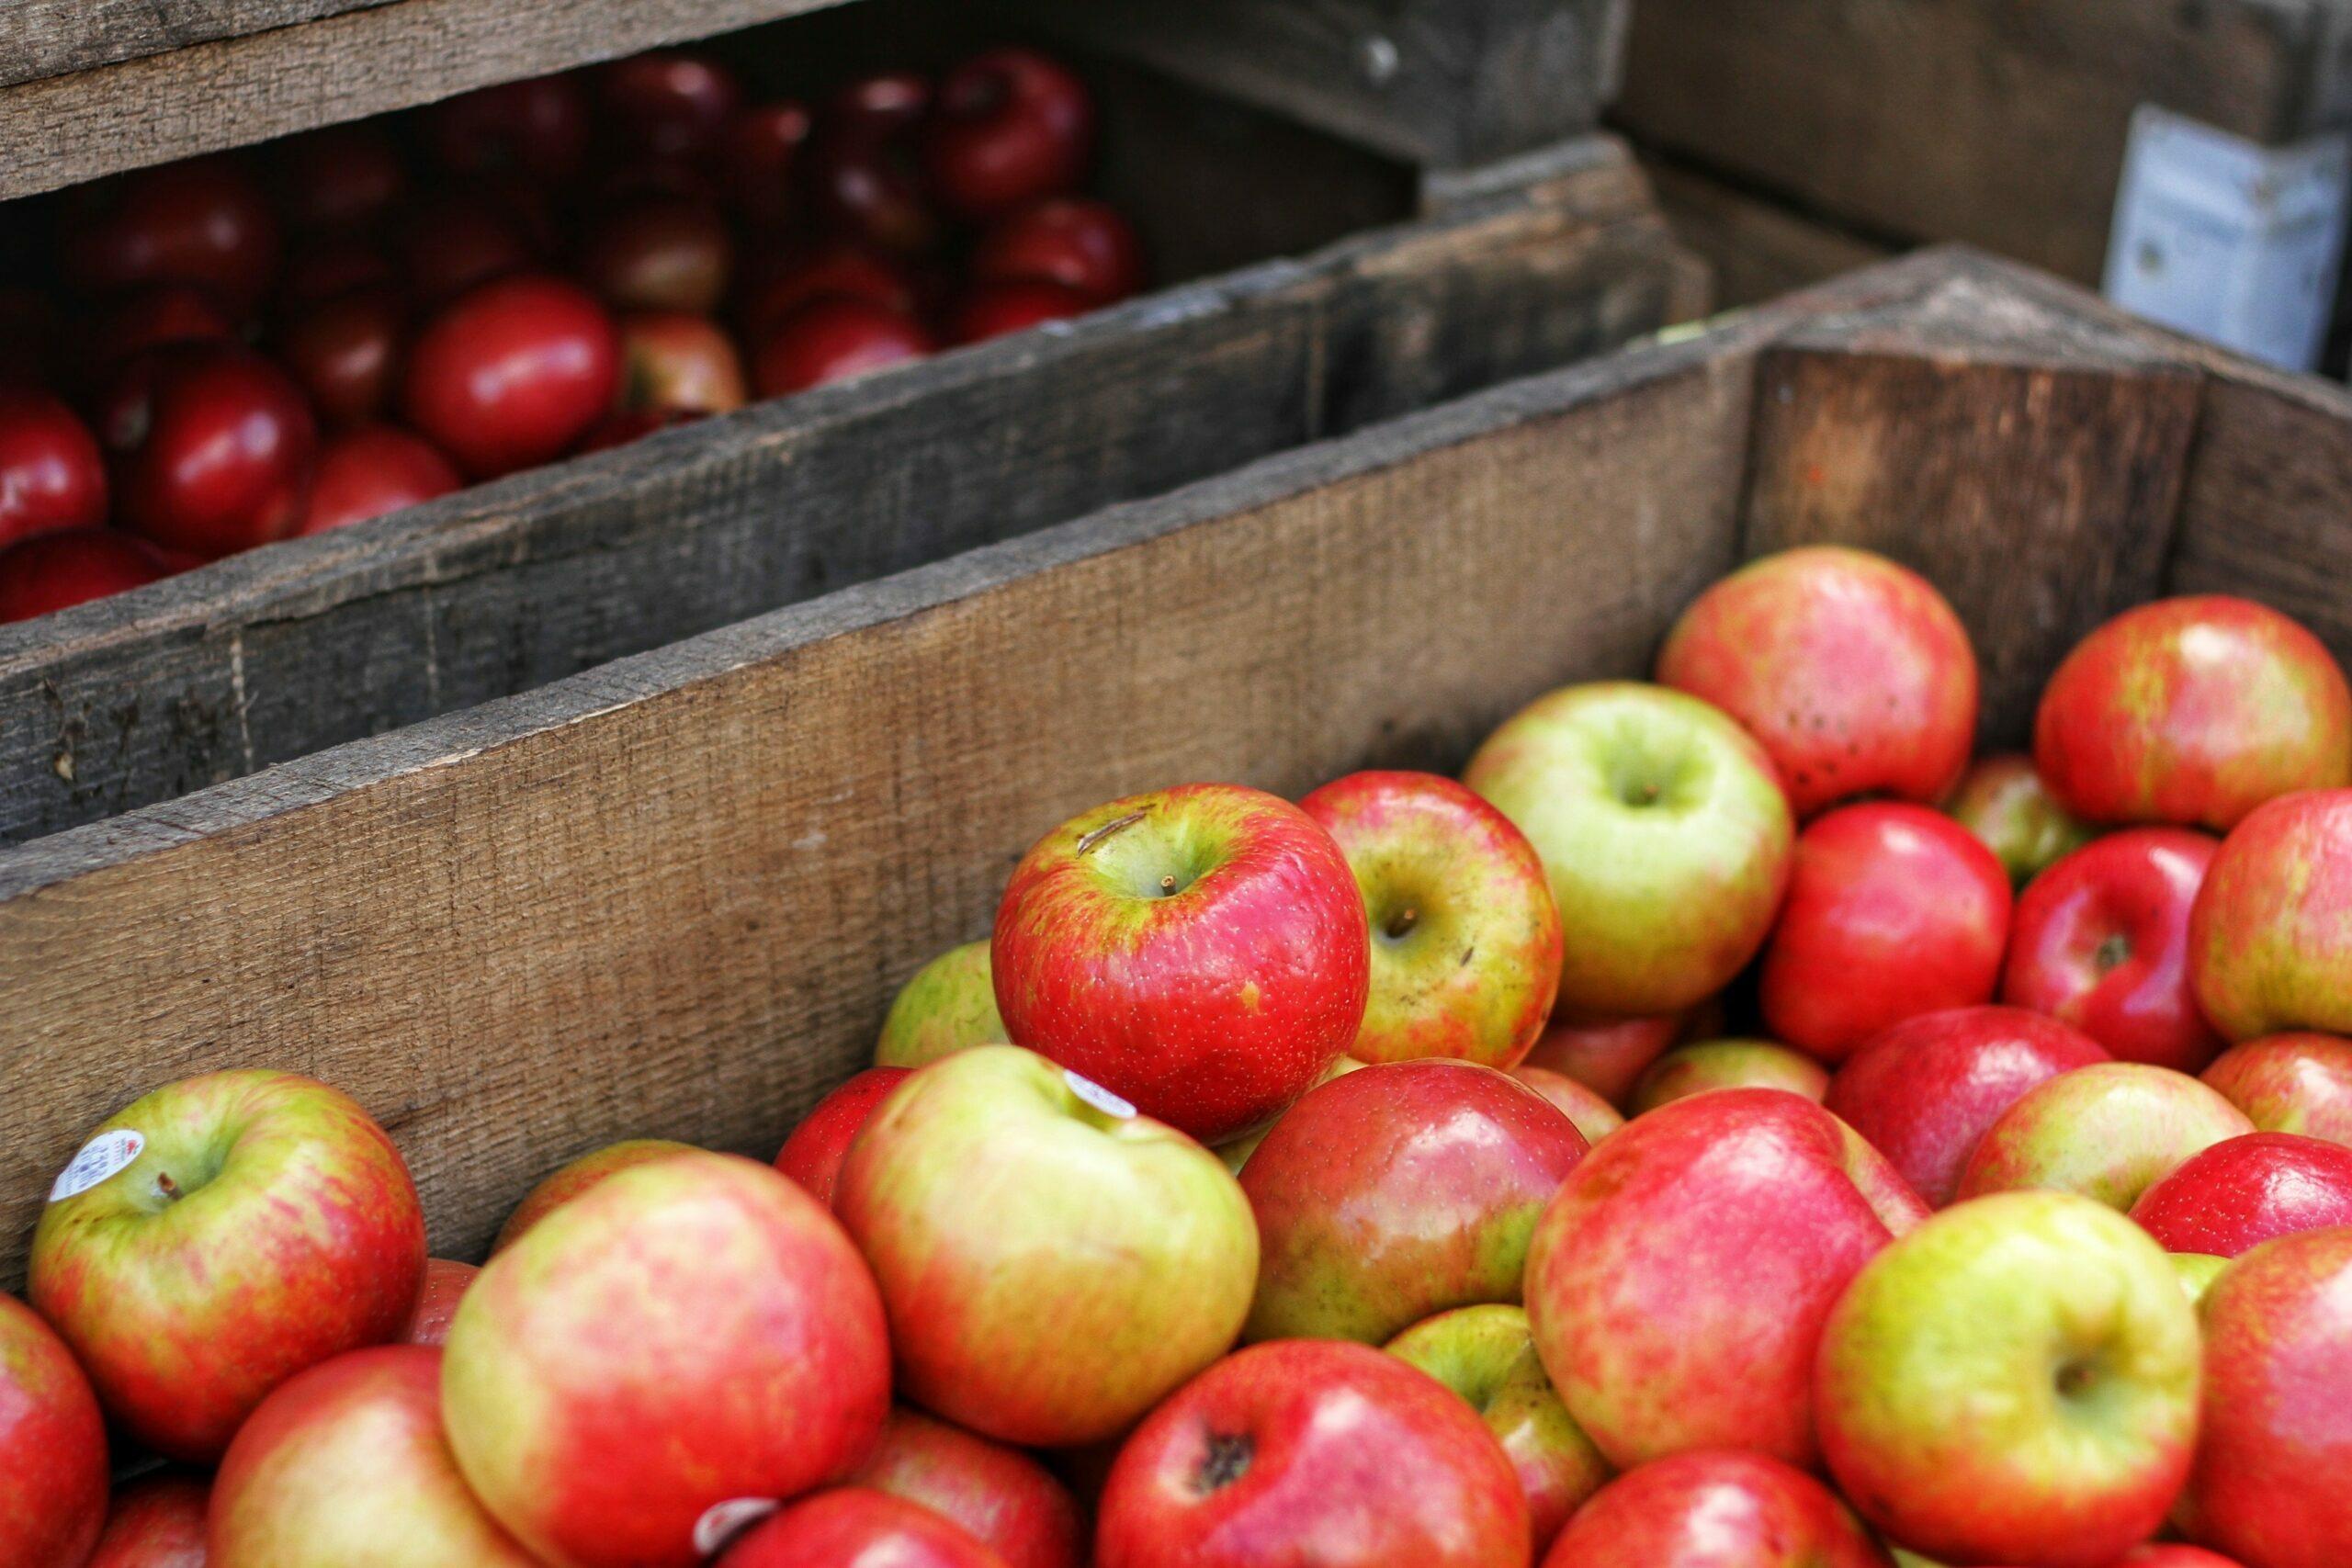 pluk je eigen appels